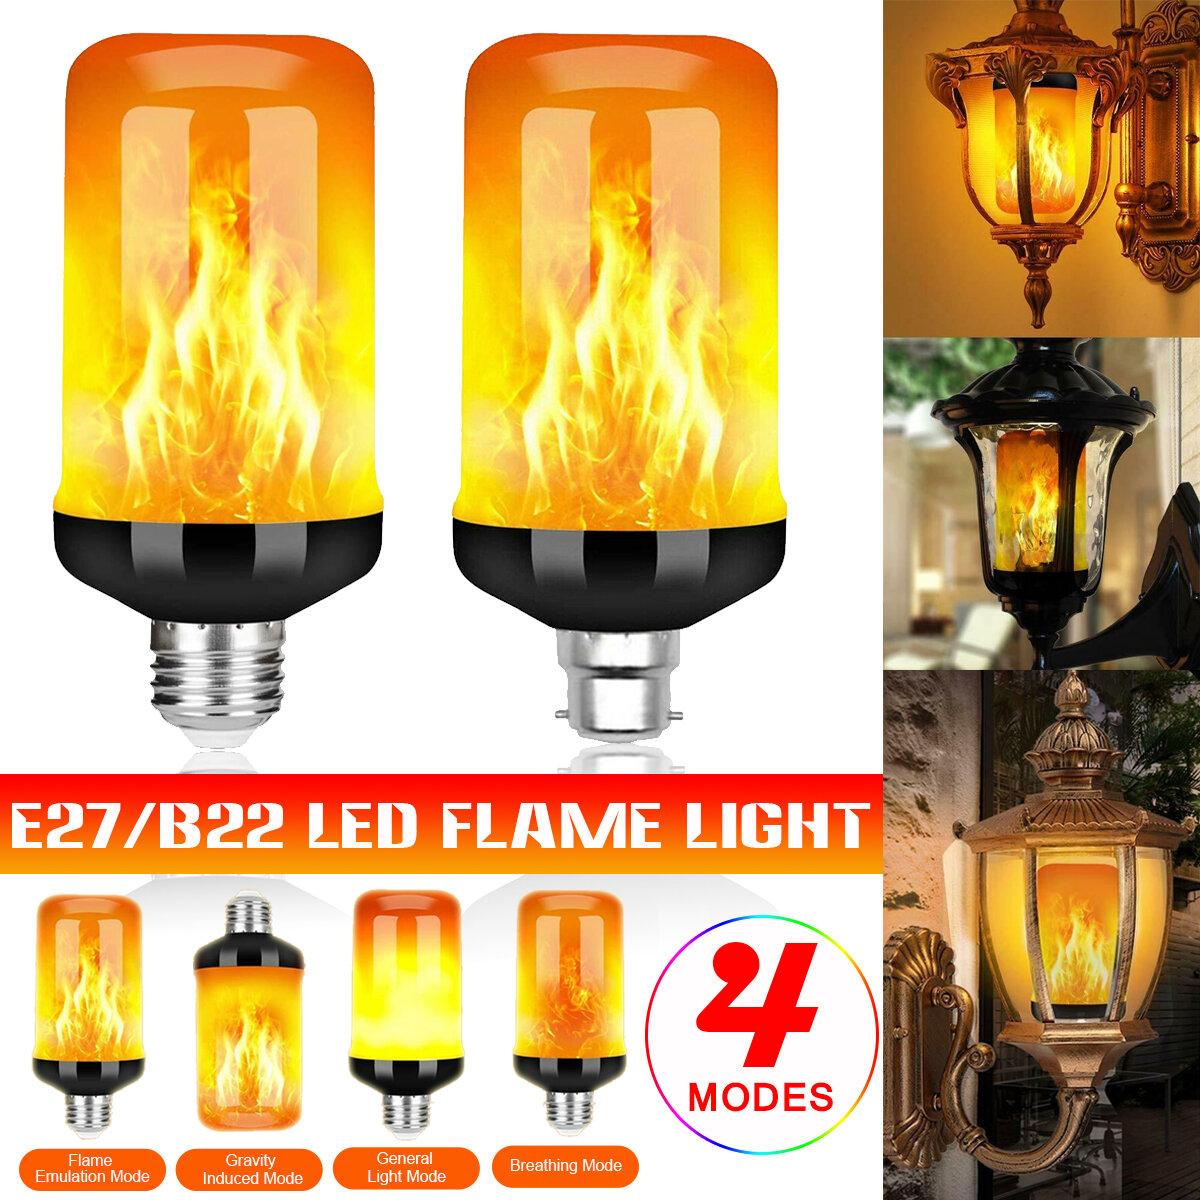 E27 B22 5W LED Flicker Flame Light Bulb 4 Modes Burning Fire Effect Gravity Sensor Lamp AC85-265V